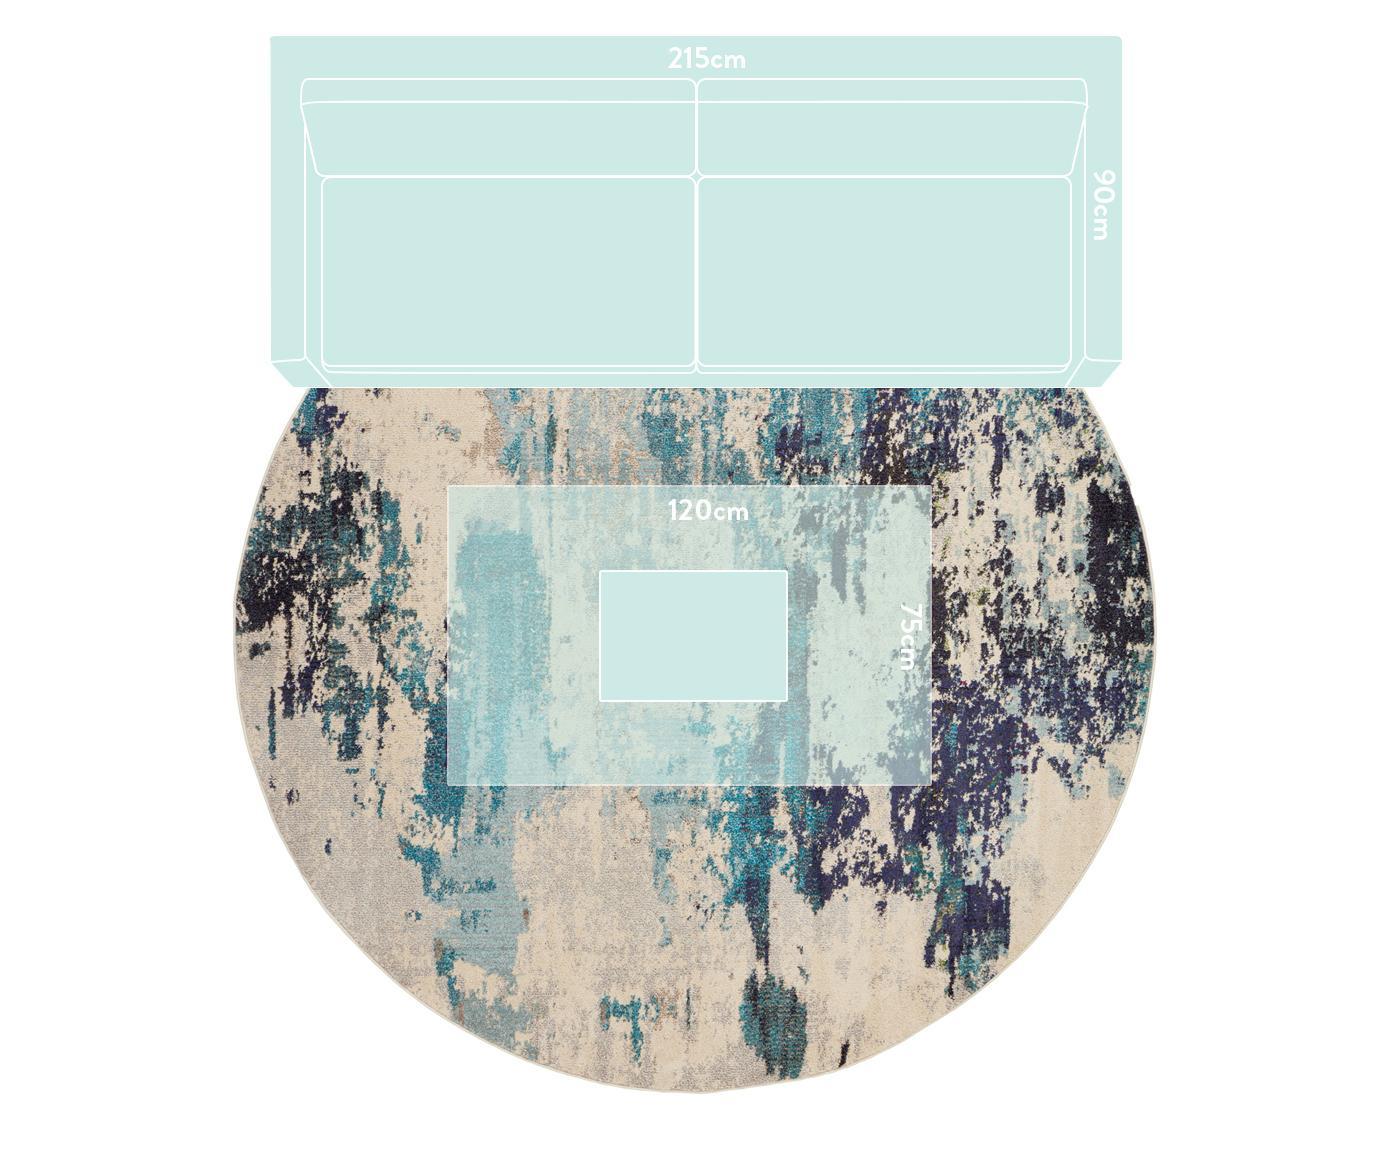 Runder Designteppich Celestial in Blau-Creme, Flor: 100% Polypropylen, Elfenbeinfarben, Blautöne, Ø 240 cm (Größe XL)